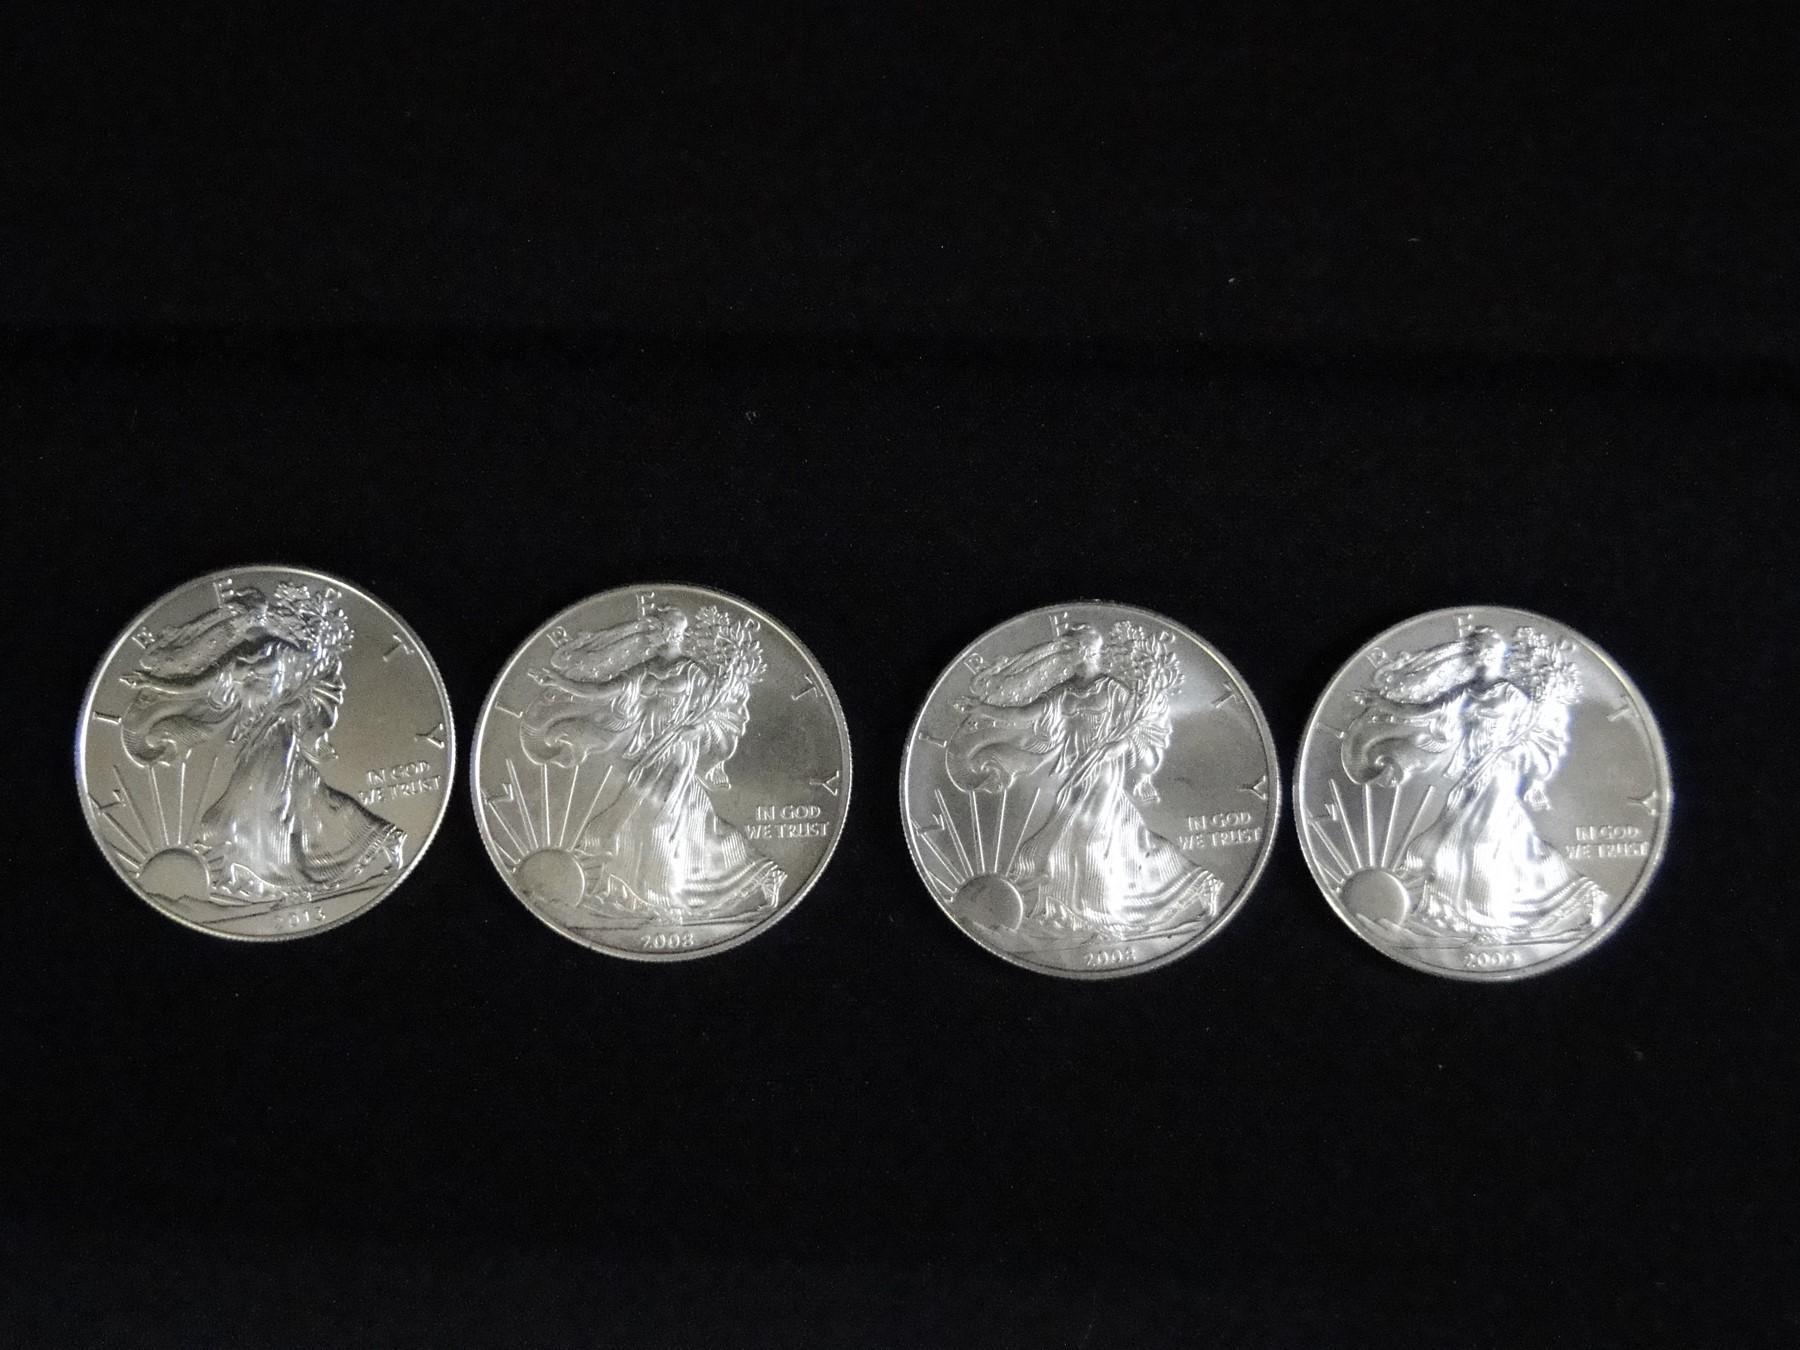 4 Silver Eagles